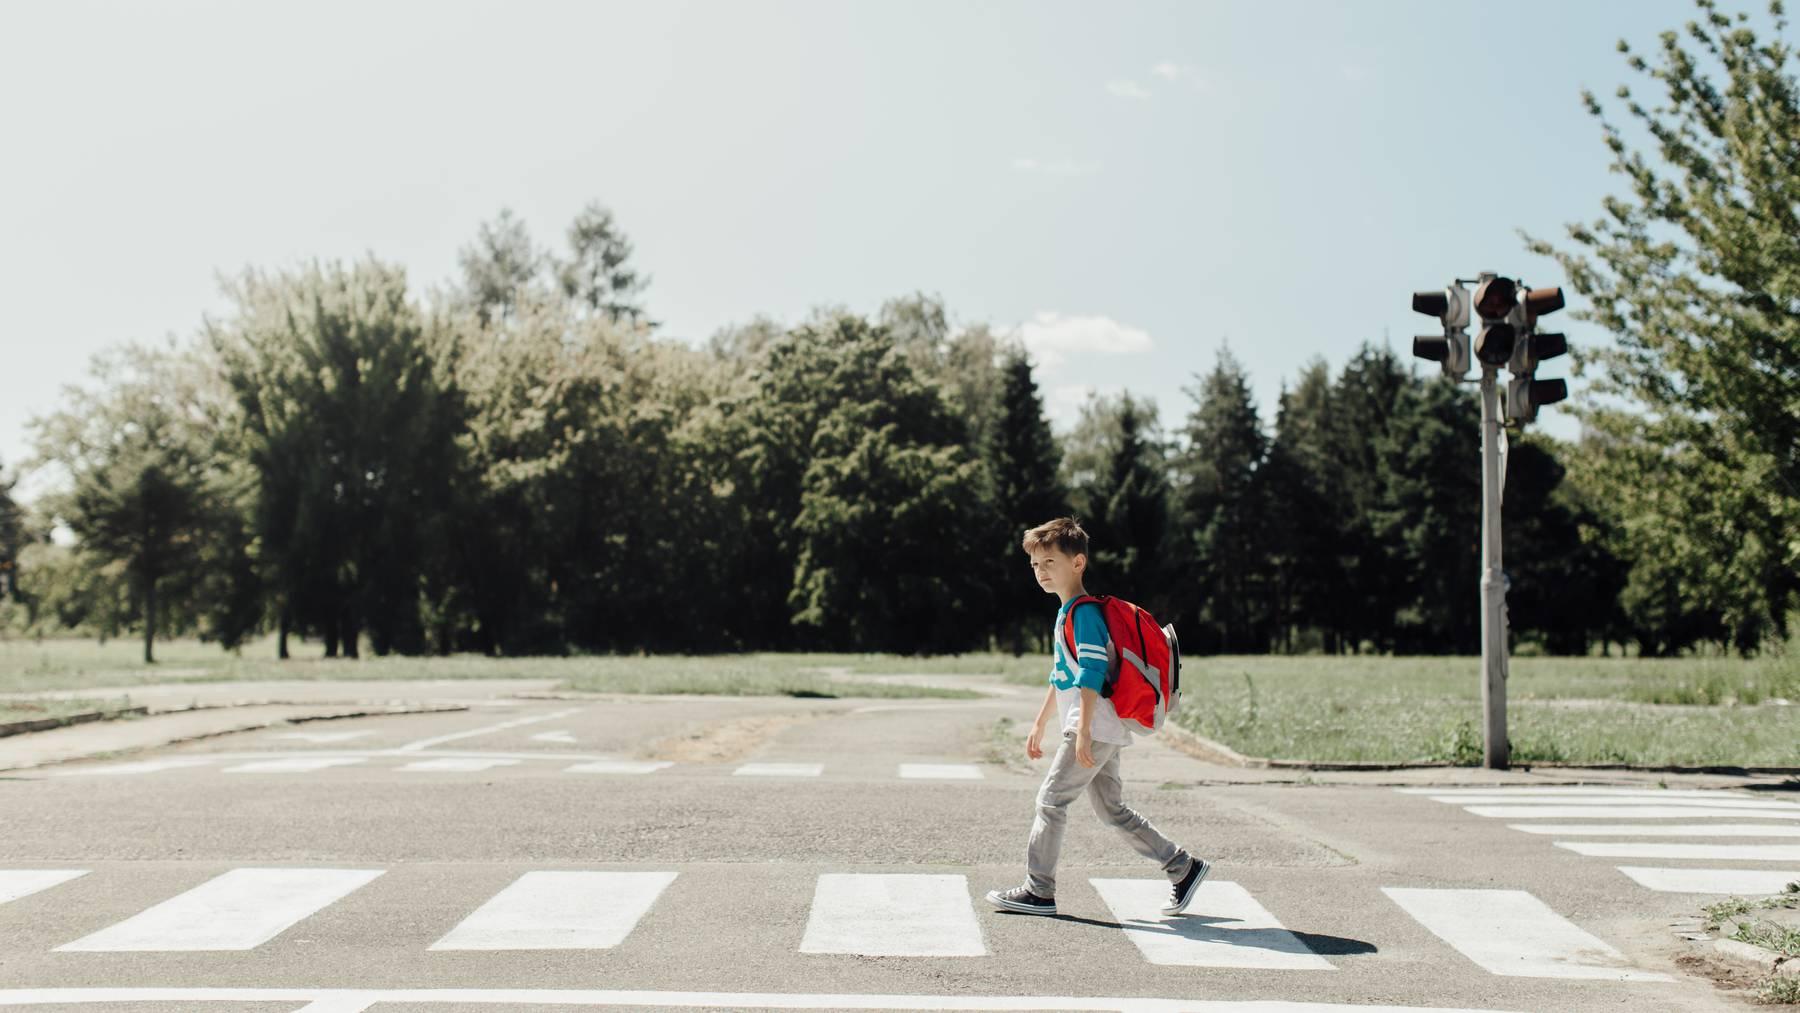 Junge auf Fussgängerstreifen (Symbolbild)